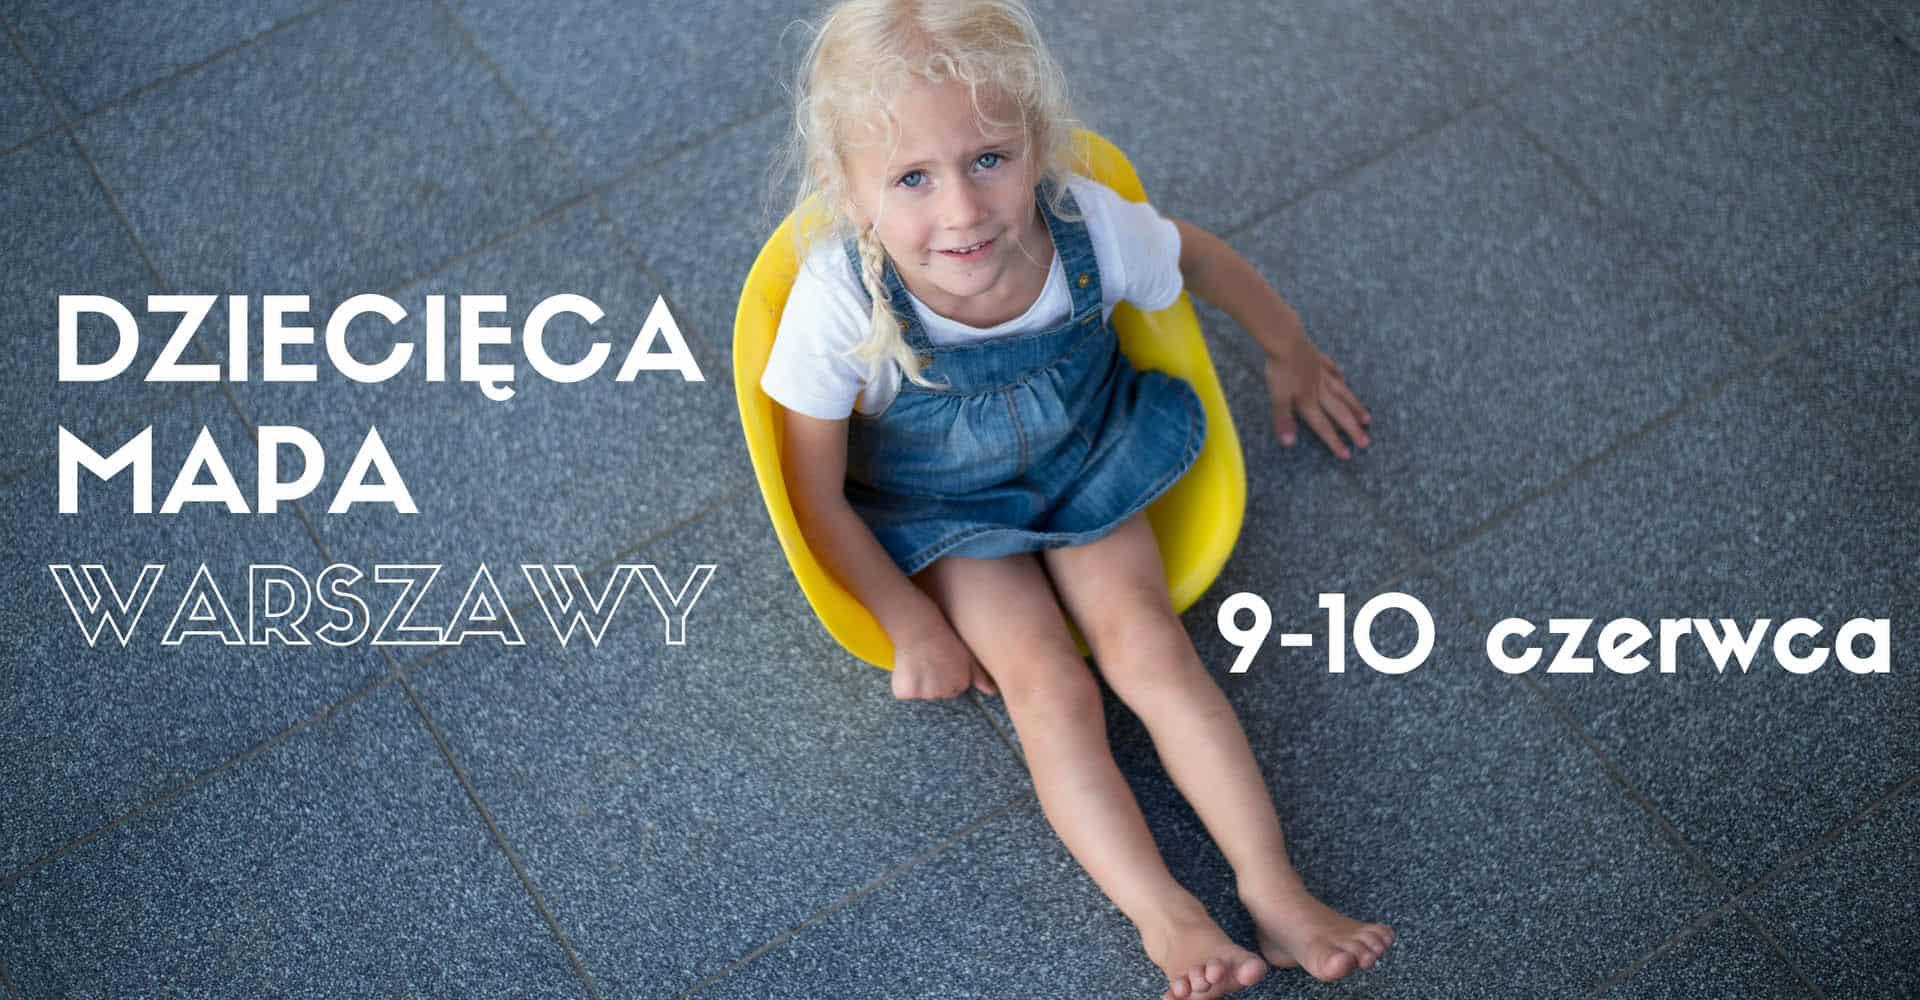 weekendowa zajawka - przegląd najciekawszych wydarzeń i atrakcji dla dzieci w Warszawie